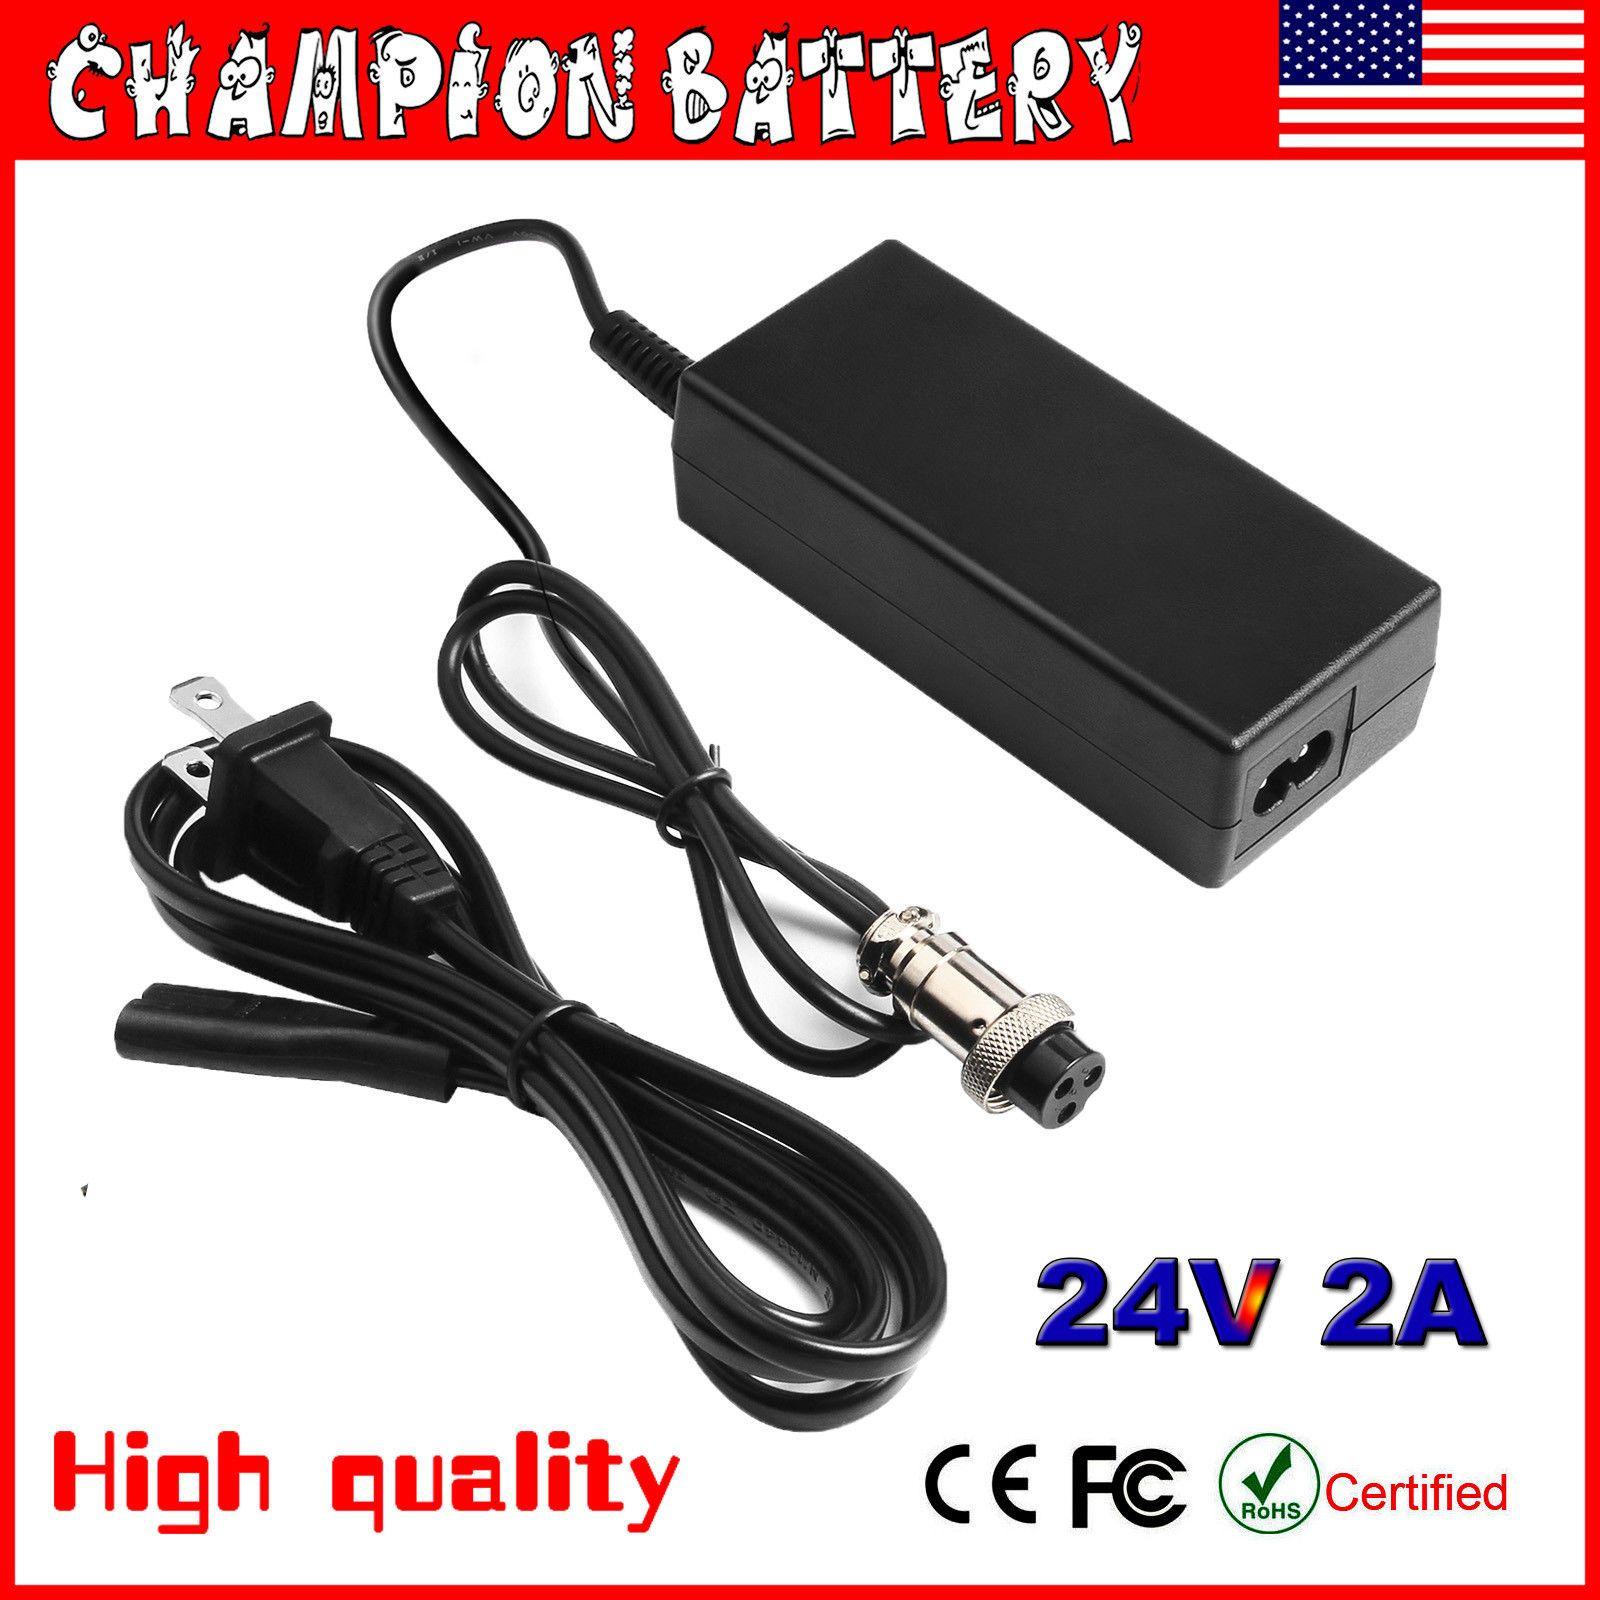 24v Battery Charger Razor E100 E200 E300 Espark Pocket Mod Sweet Pea Battery Charger Charger Battery